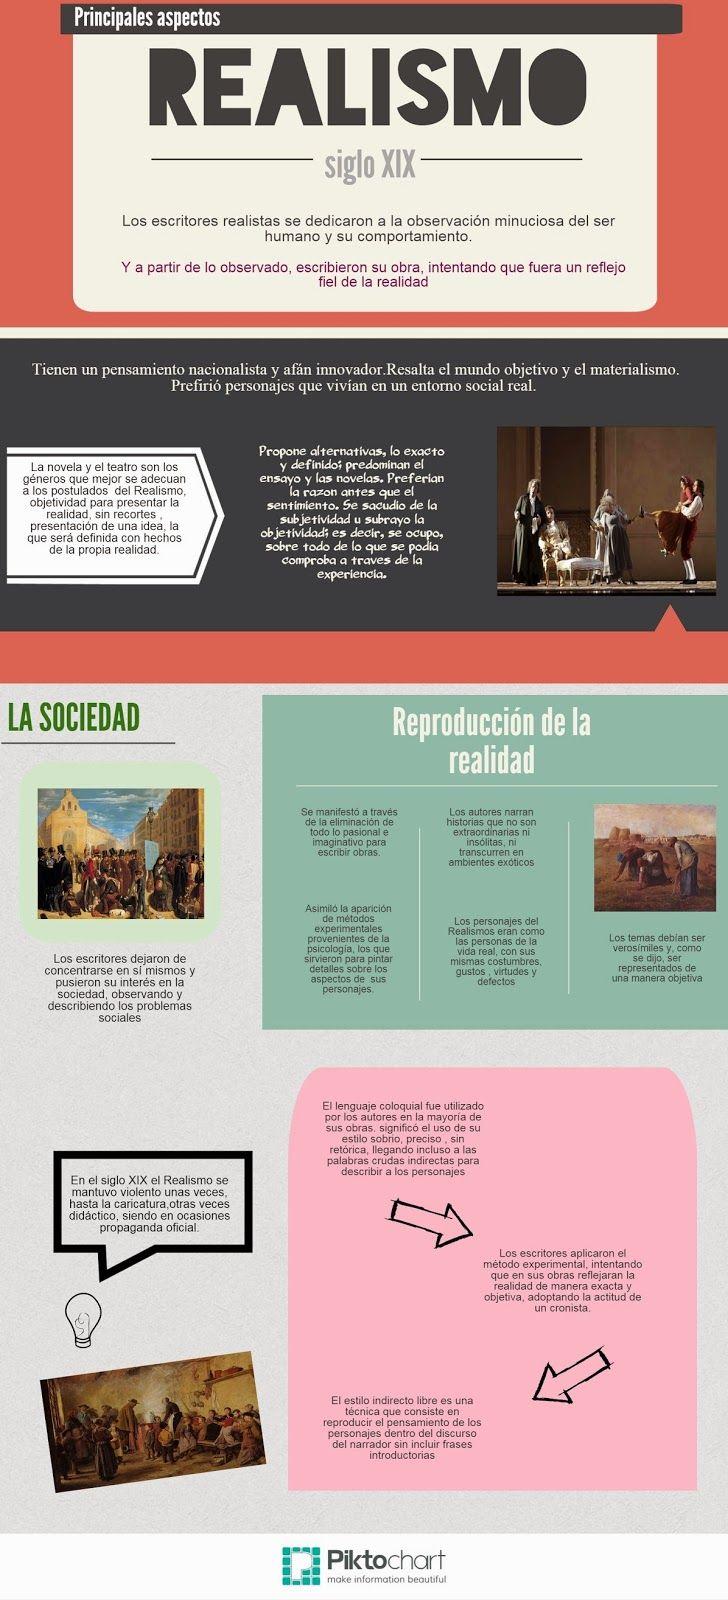 Realismo Clases De Historia Del Arte Clases De Literatura Arte Y Literatura